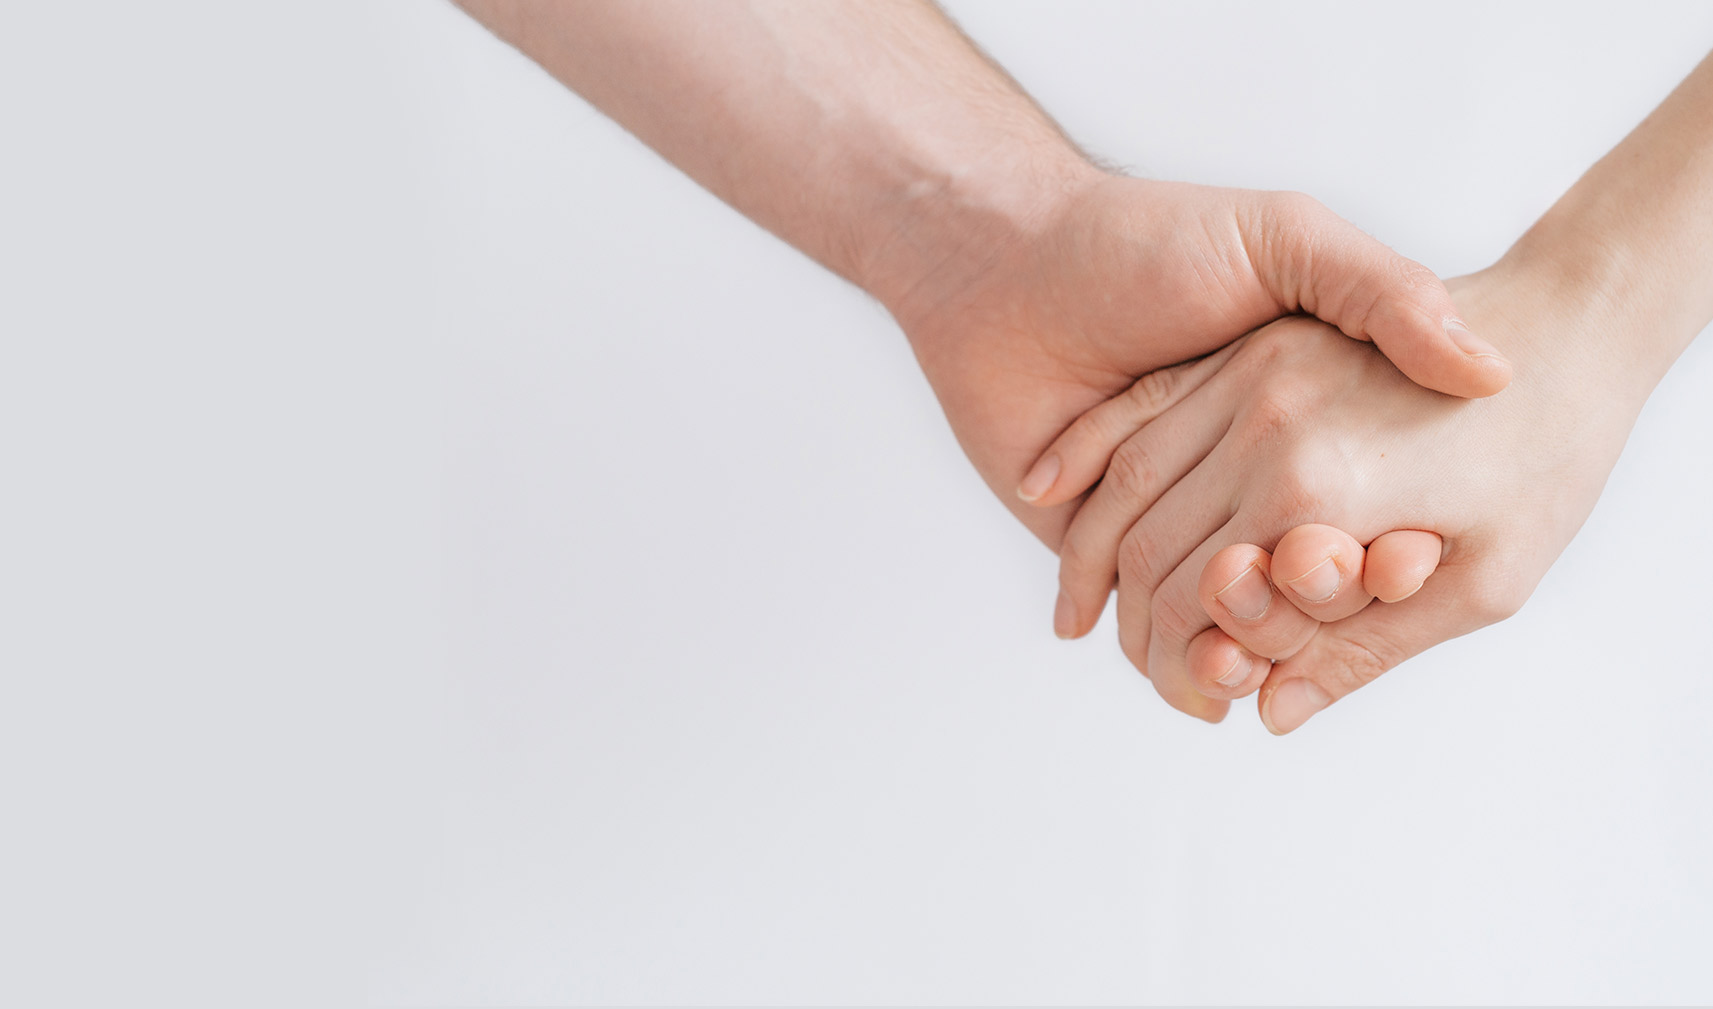 한국상담심리학회 상담심리전문가가 운영하는 공인된 심리상담센터